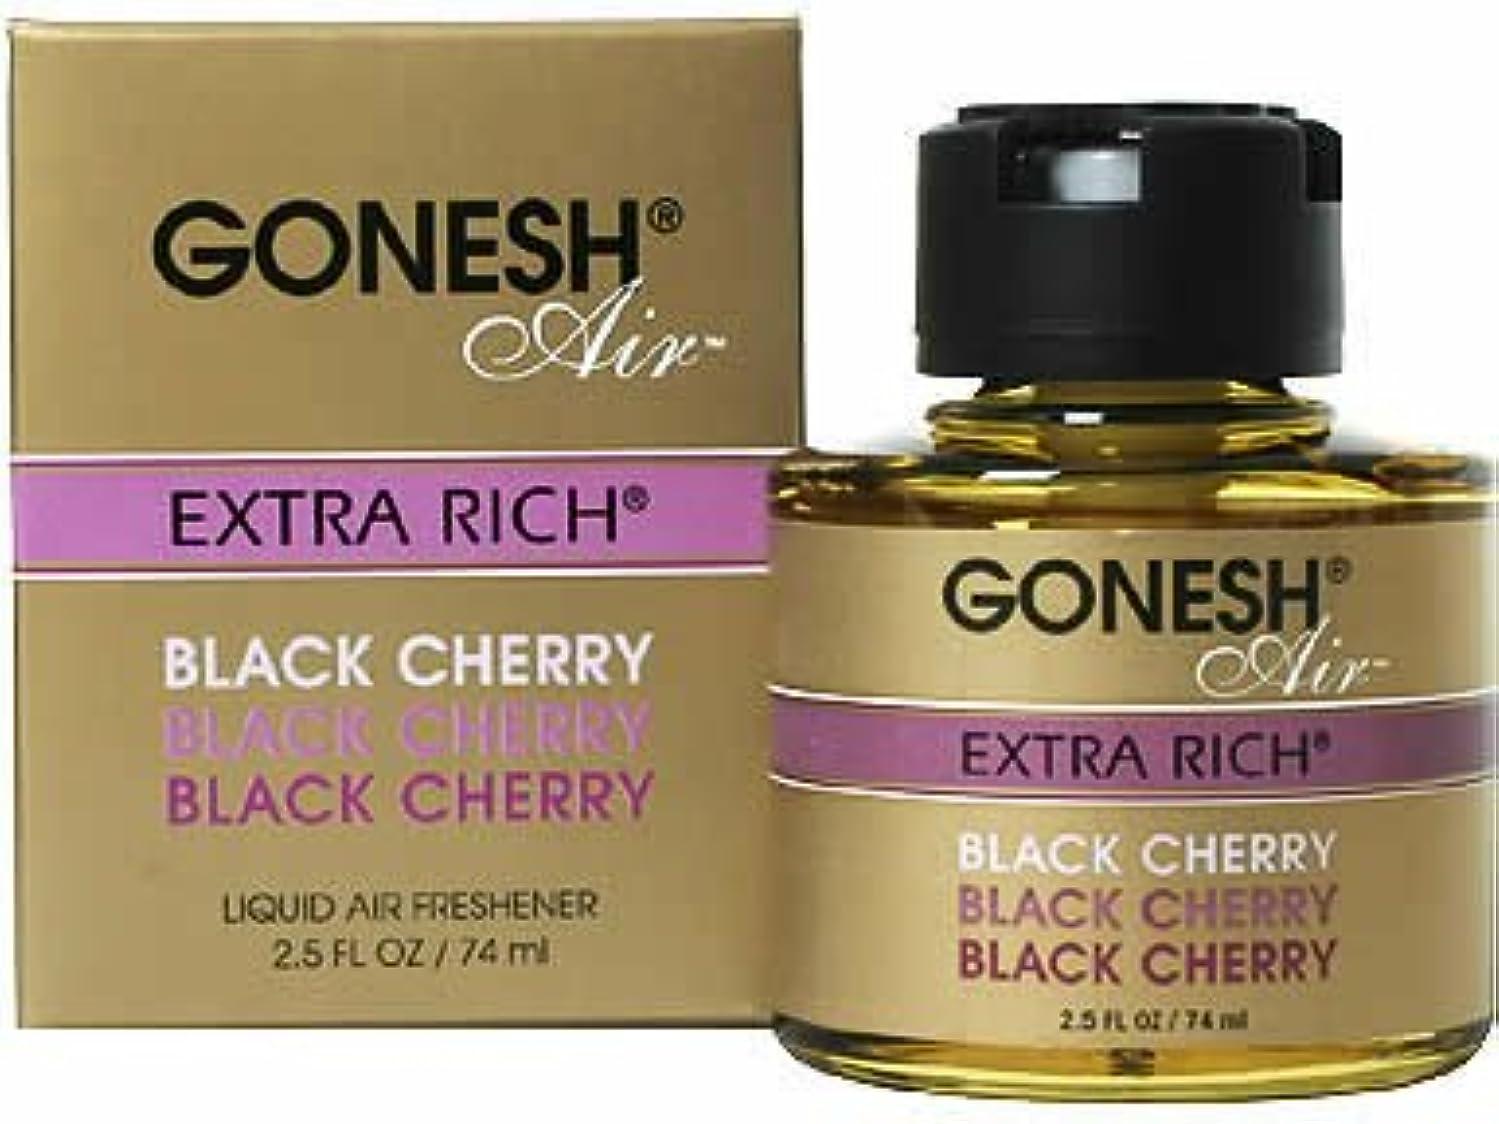 外交官伝染性なぜならガーネッシュ(GONESH) リキッドエアフレッシュナー ブラックチェリー 74ml